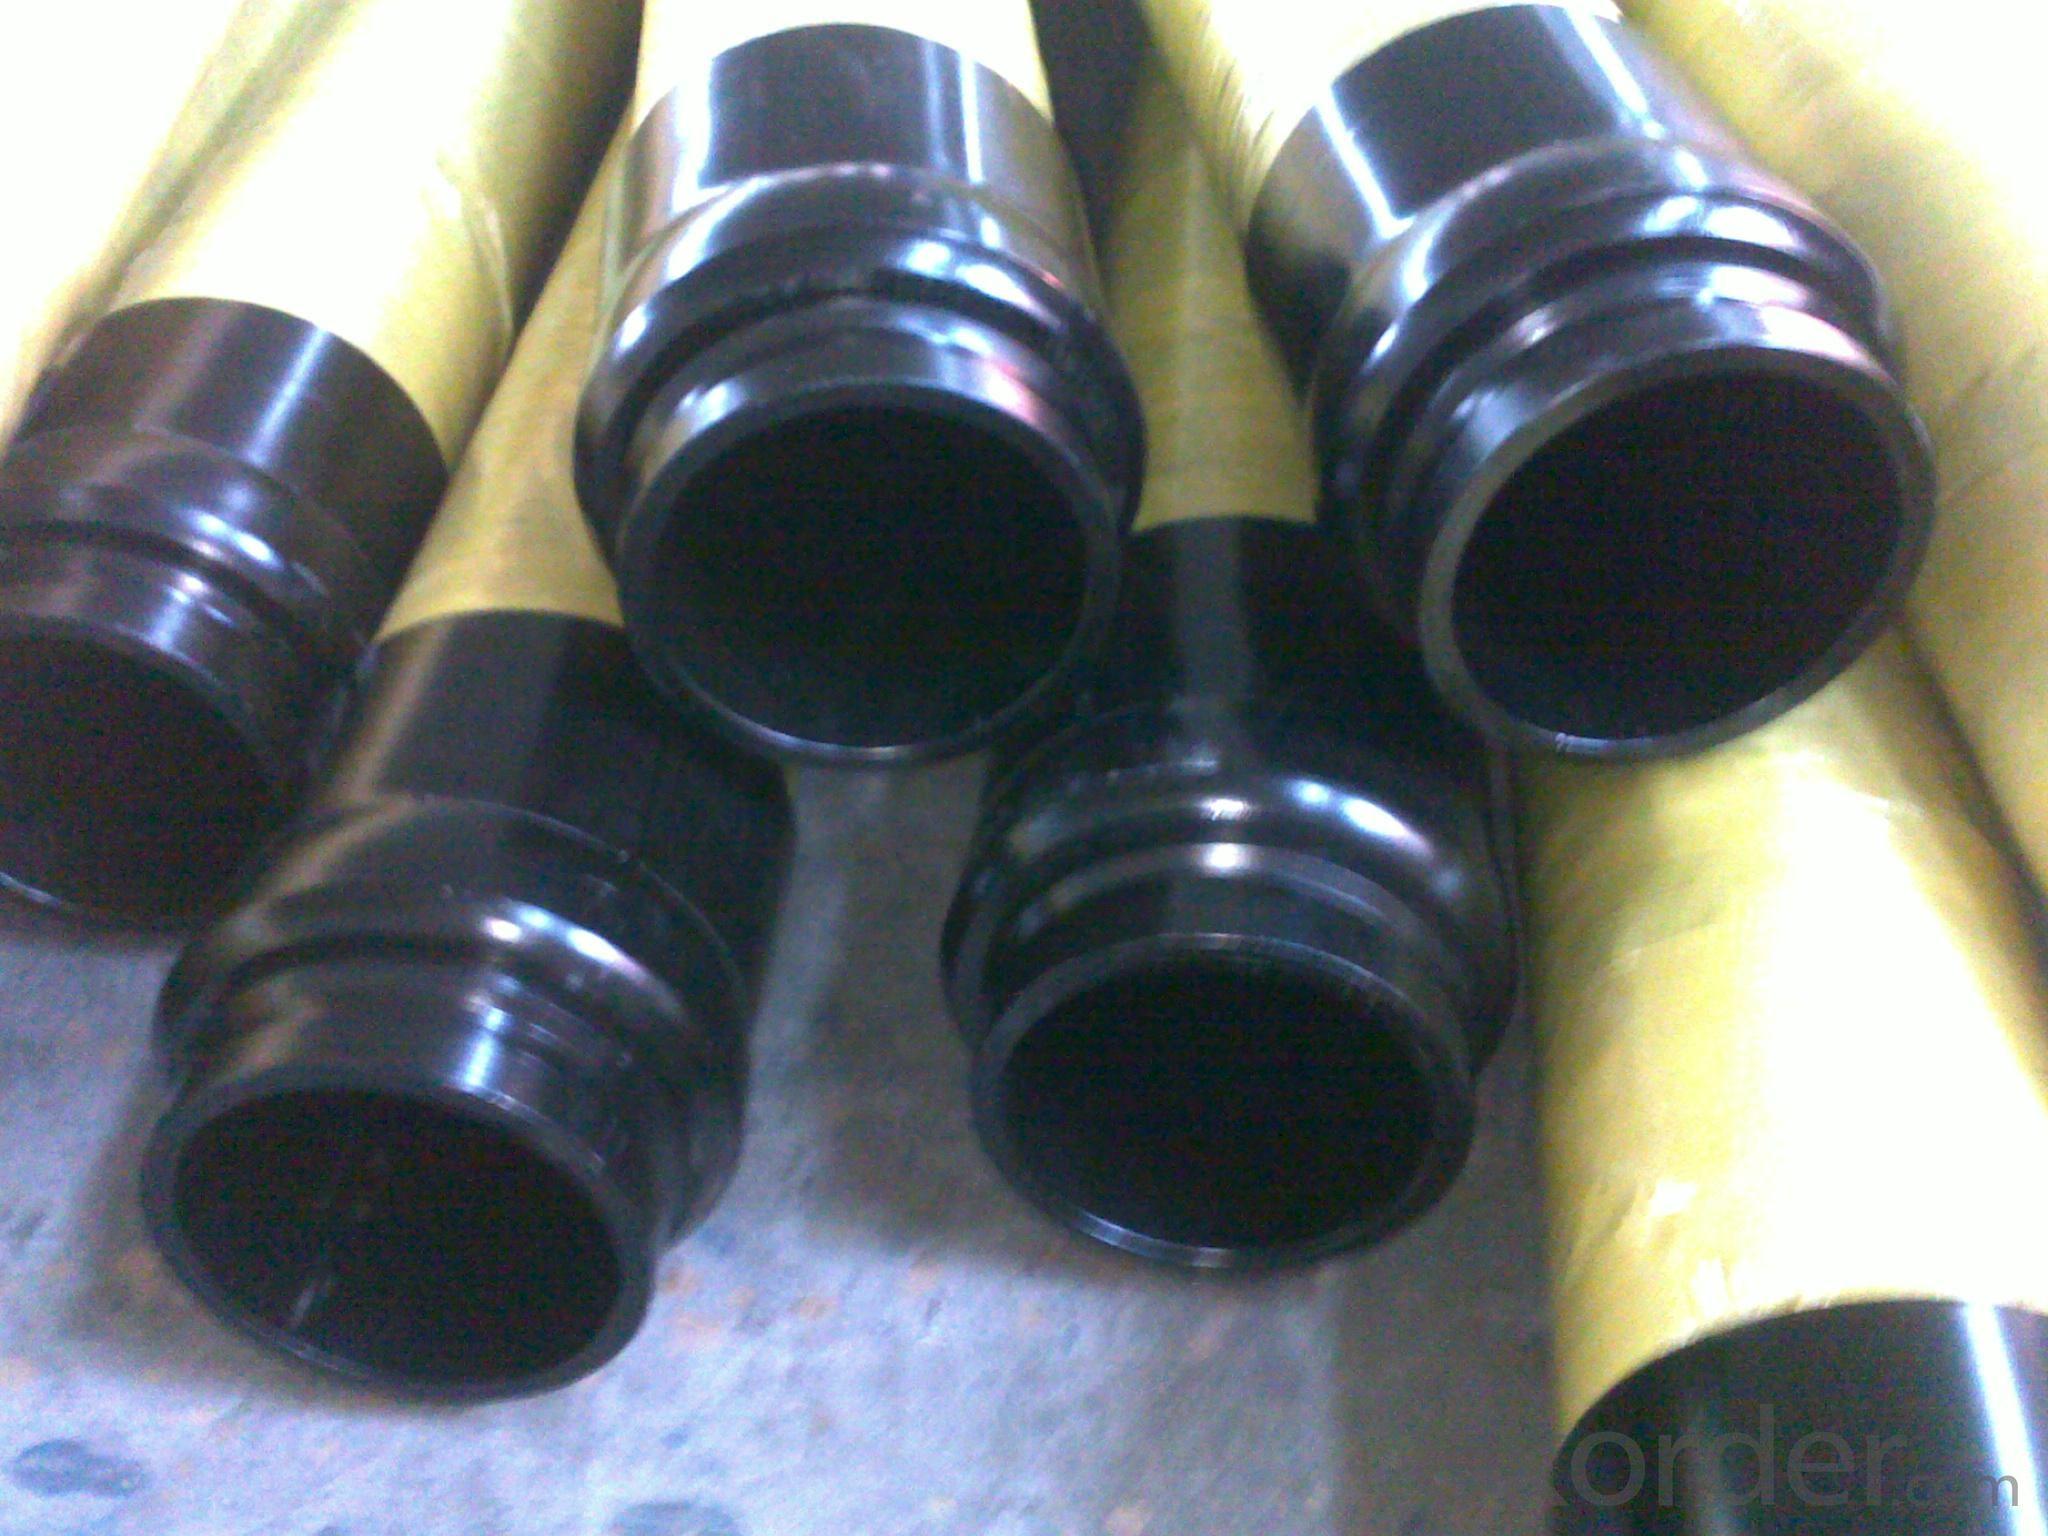 Concrete Pump Rubber End Hose with Brunofix Flange